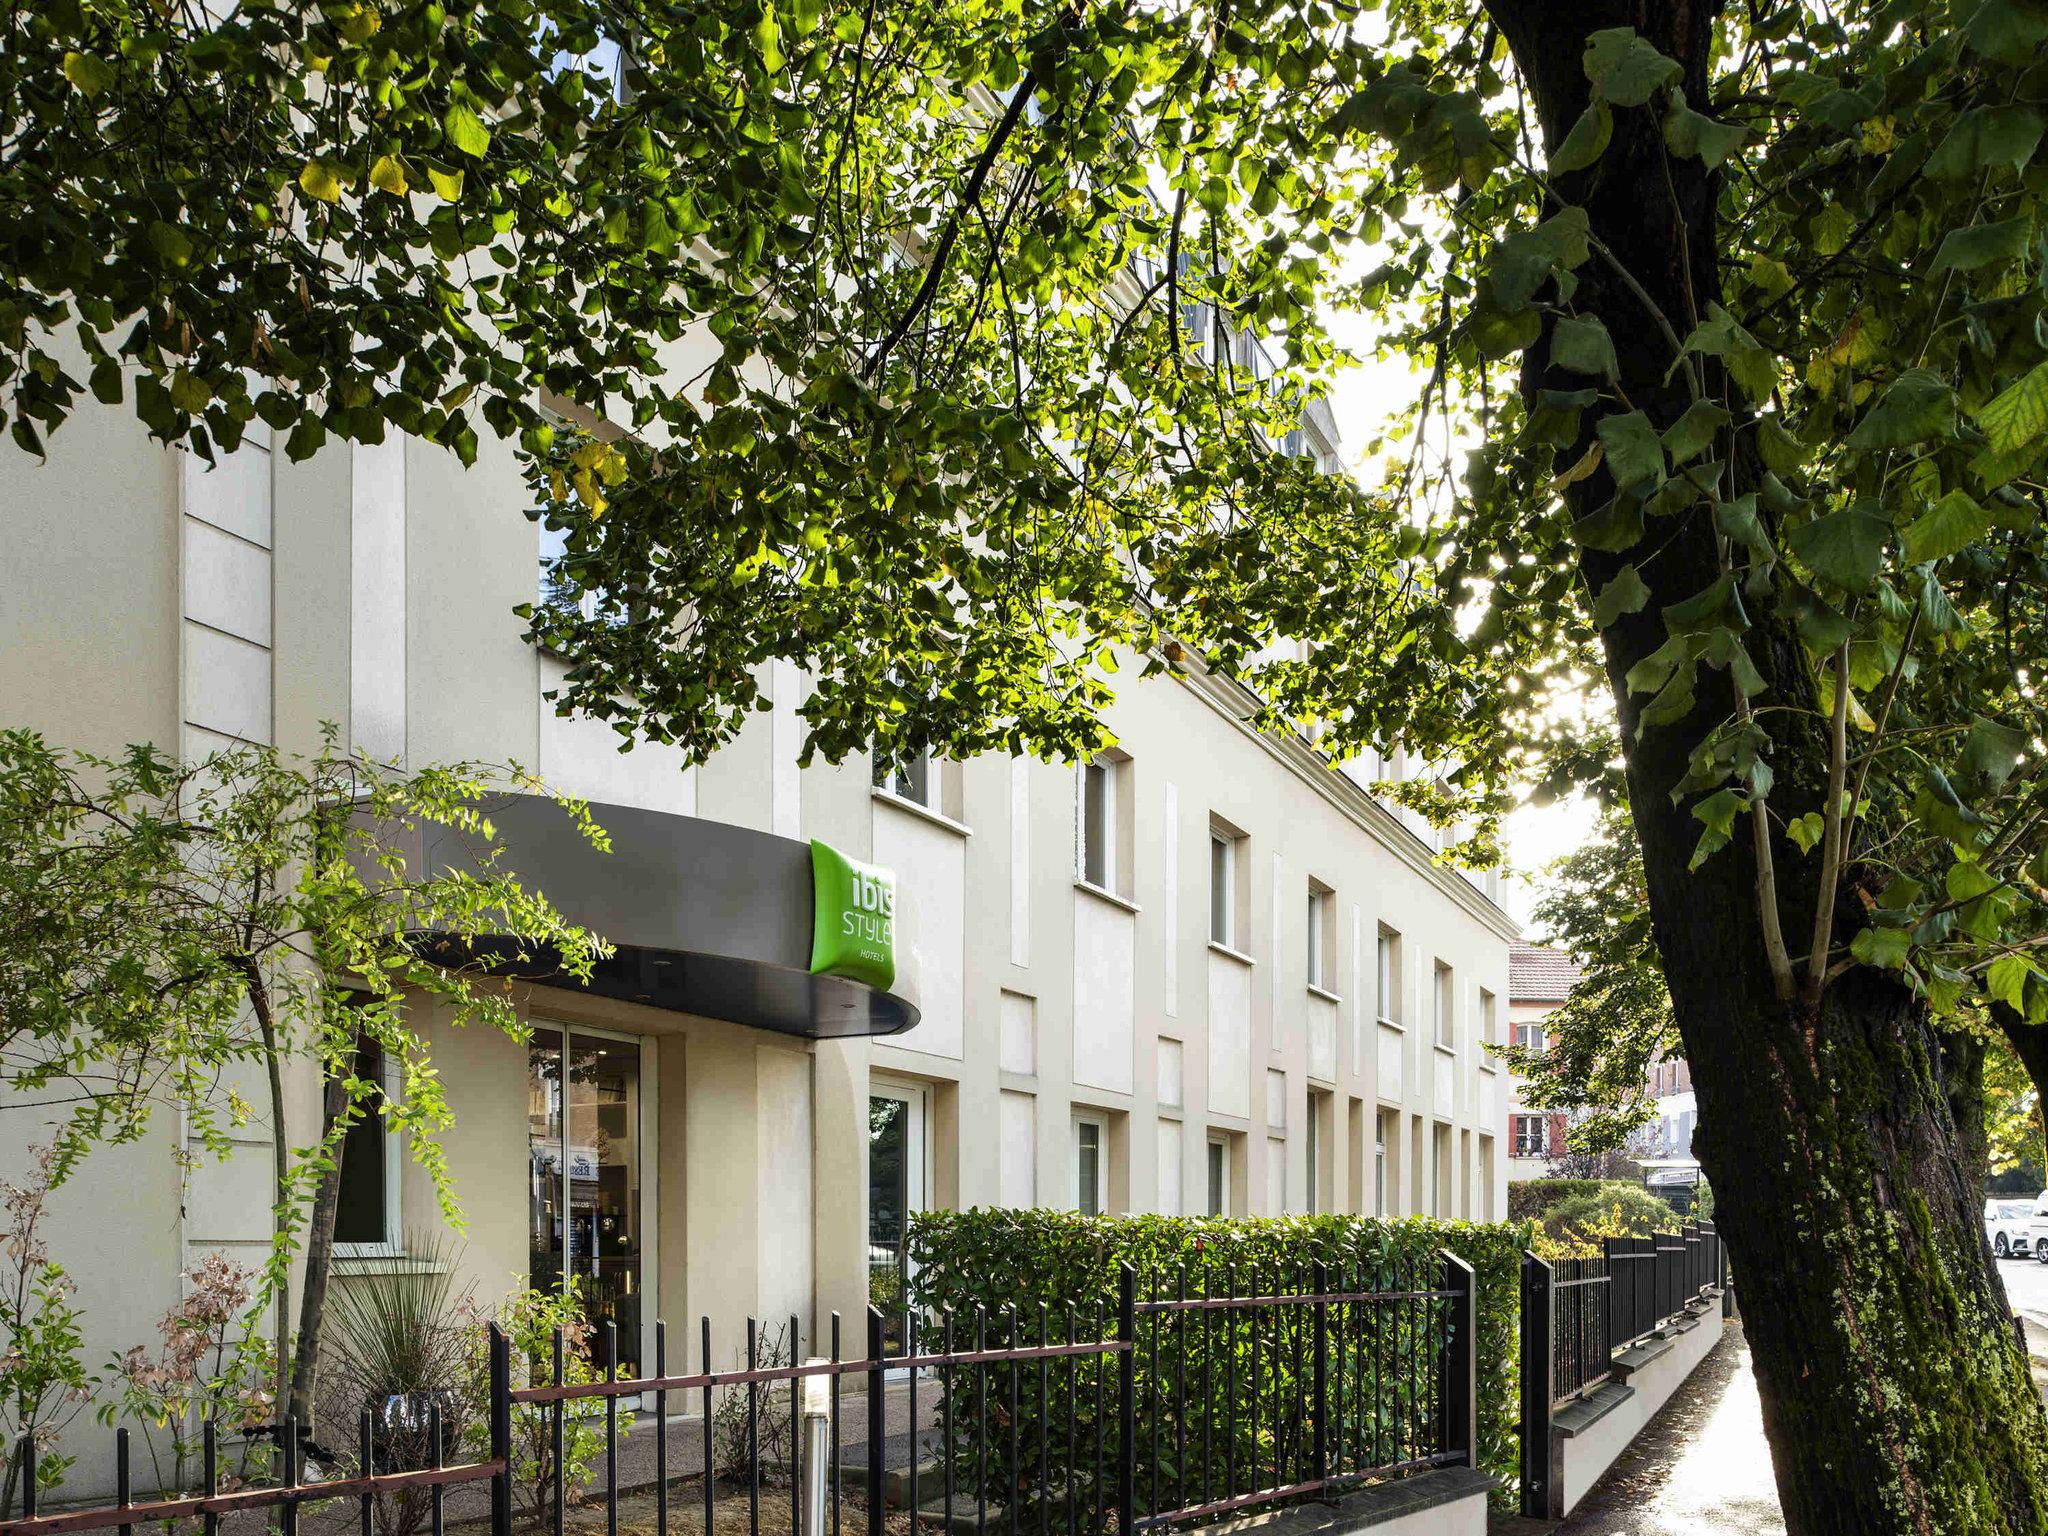 Bibliothèque De Fontenay Sous Bois hotel saint-maur creteil- st maur des fosses, france hotels